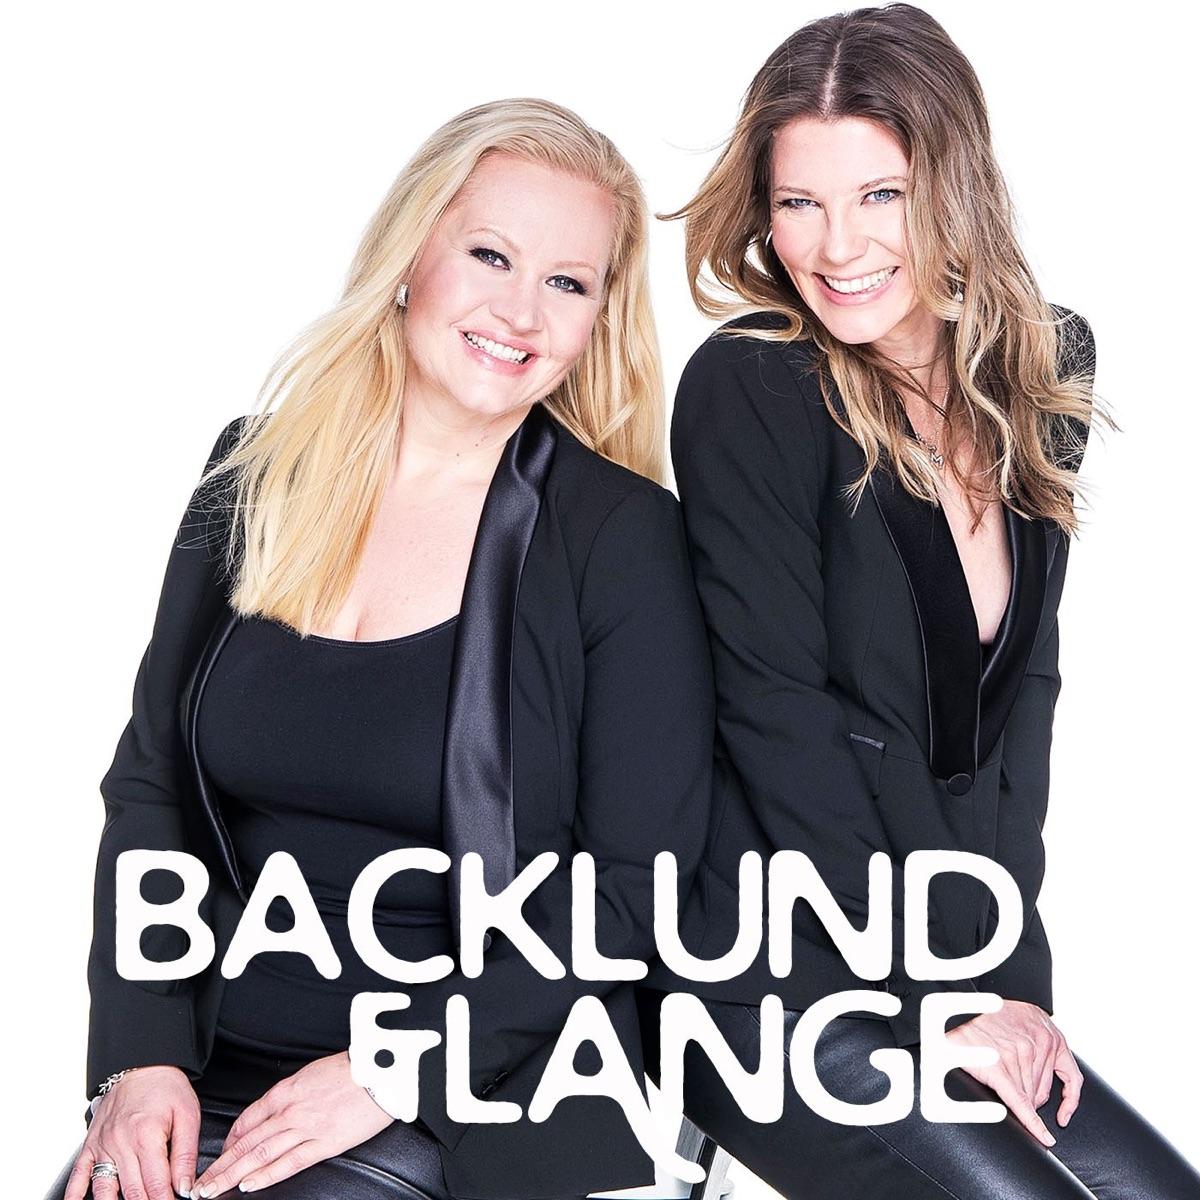 Backlund&Lange Podcast